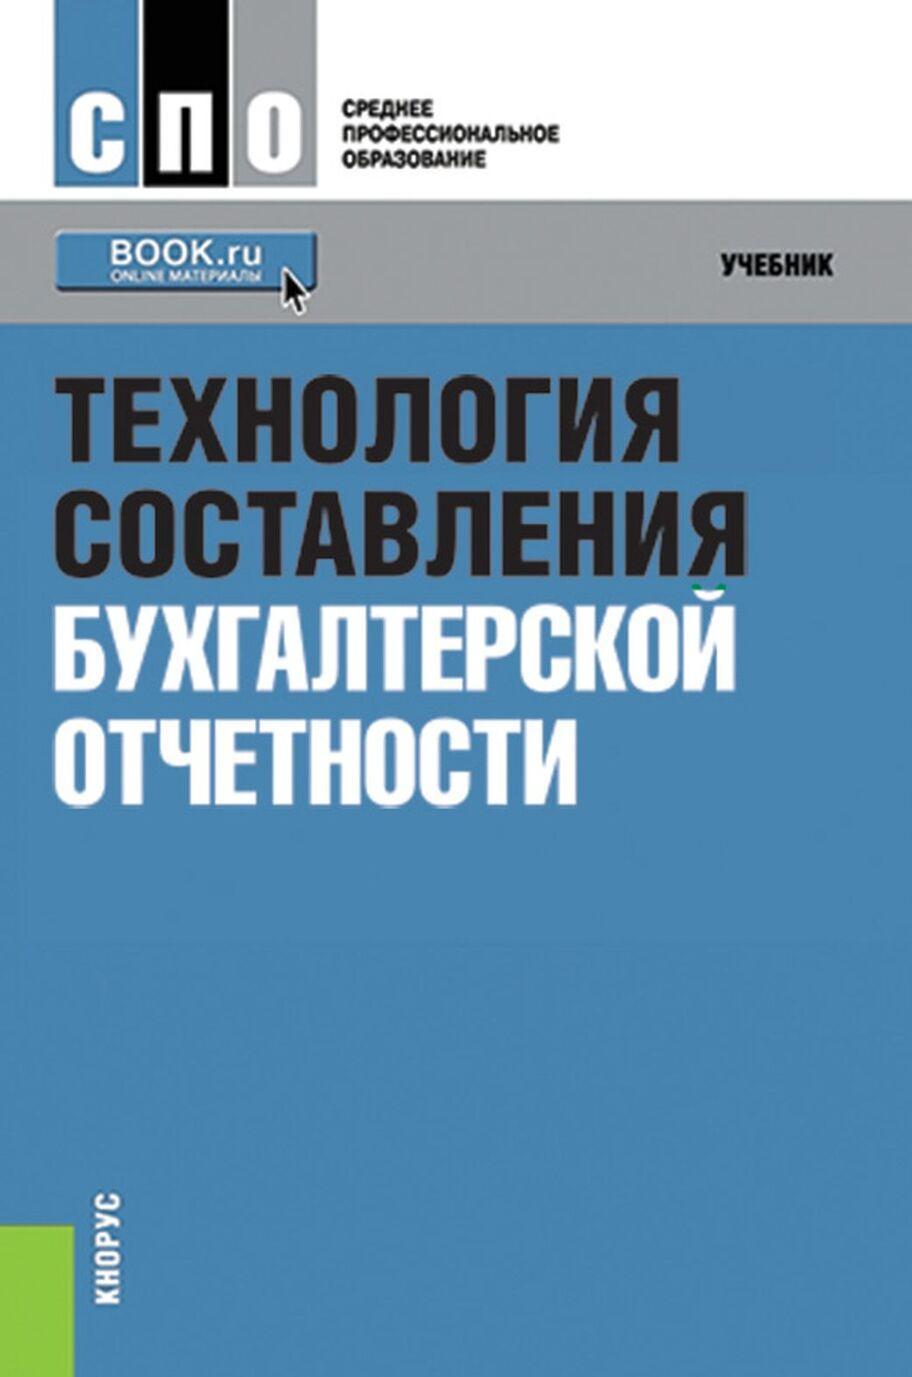 Tekhnologija sostavlenija bukhgalterskoj otchetnosti. Uchebnik   Ivanov Konstantin Valerevich, Ivanova Nadezhda Vladimirovna